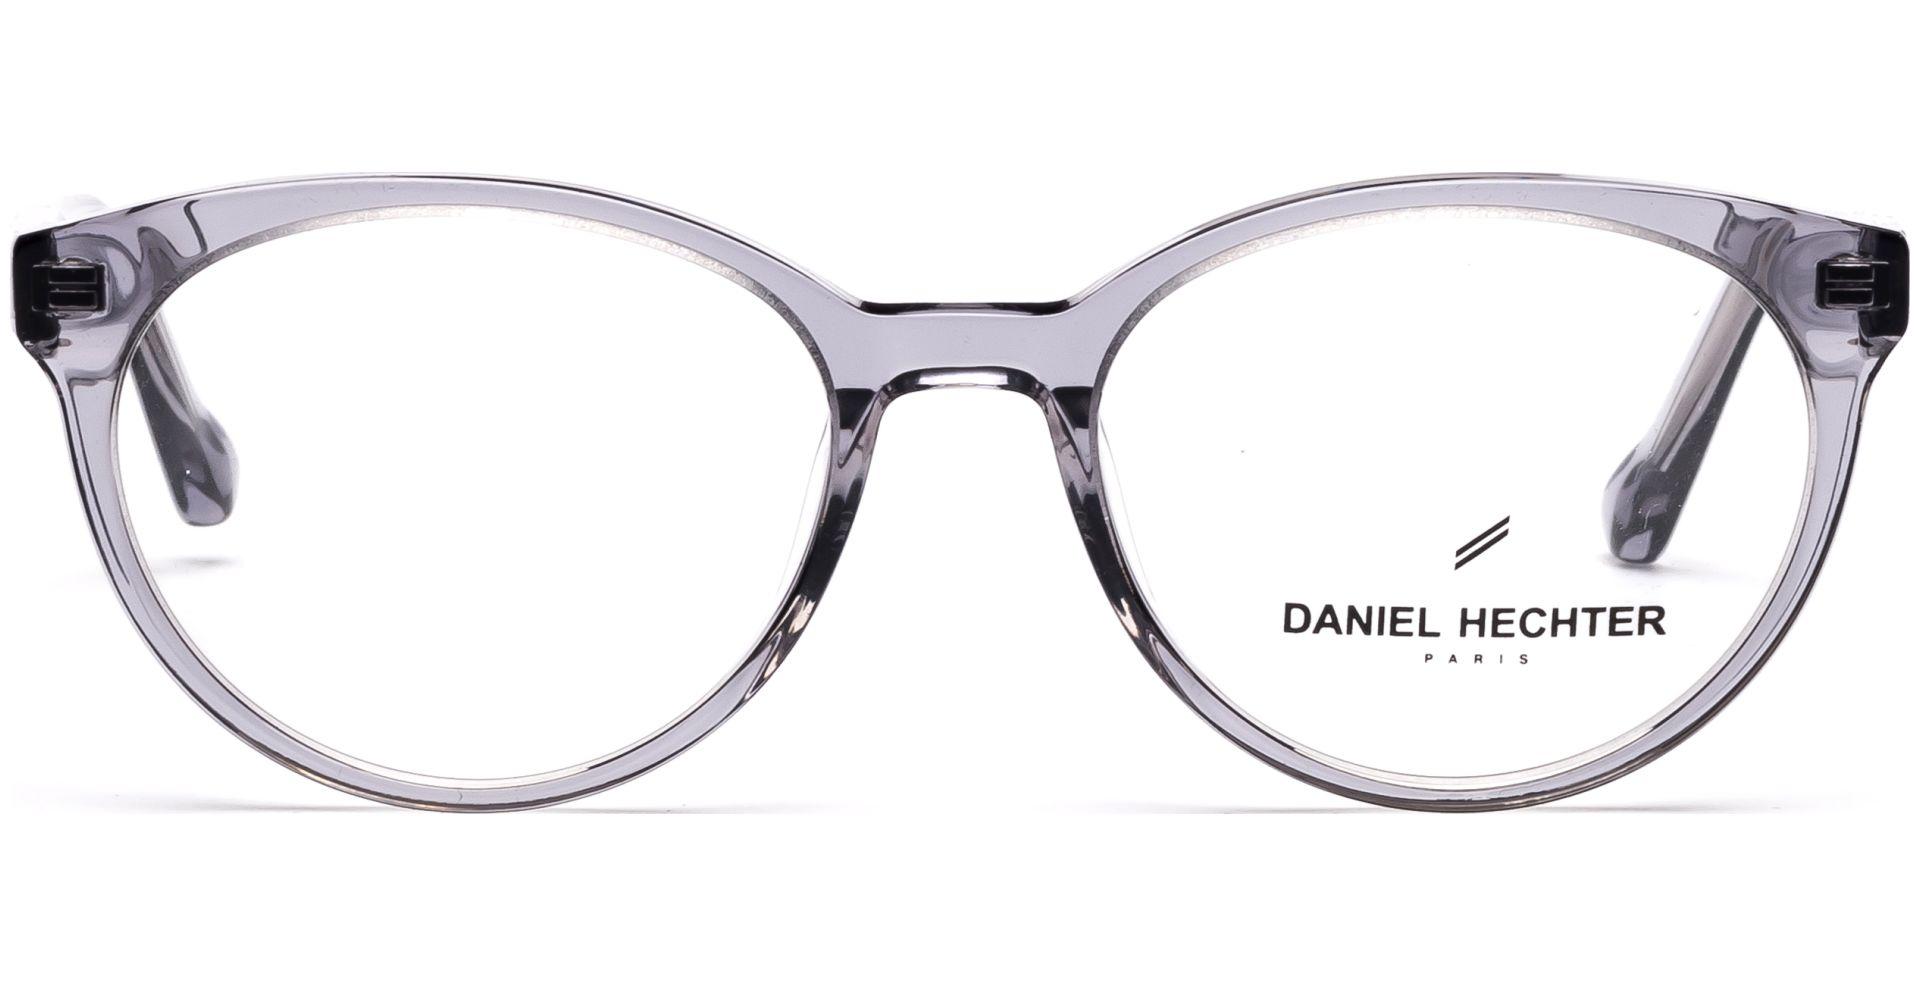 Daniel Hechter Daniel Hechter Dhp582 5 5117 Transparent Grau Lensbest